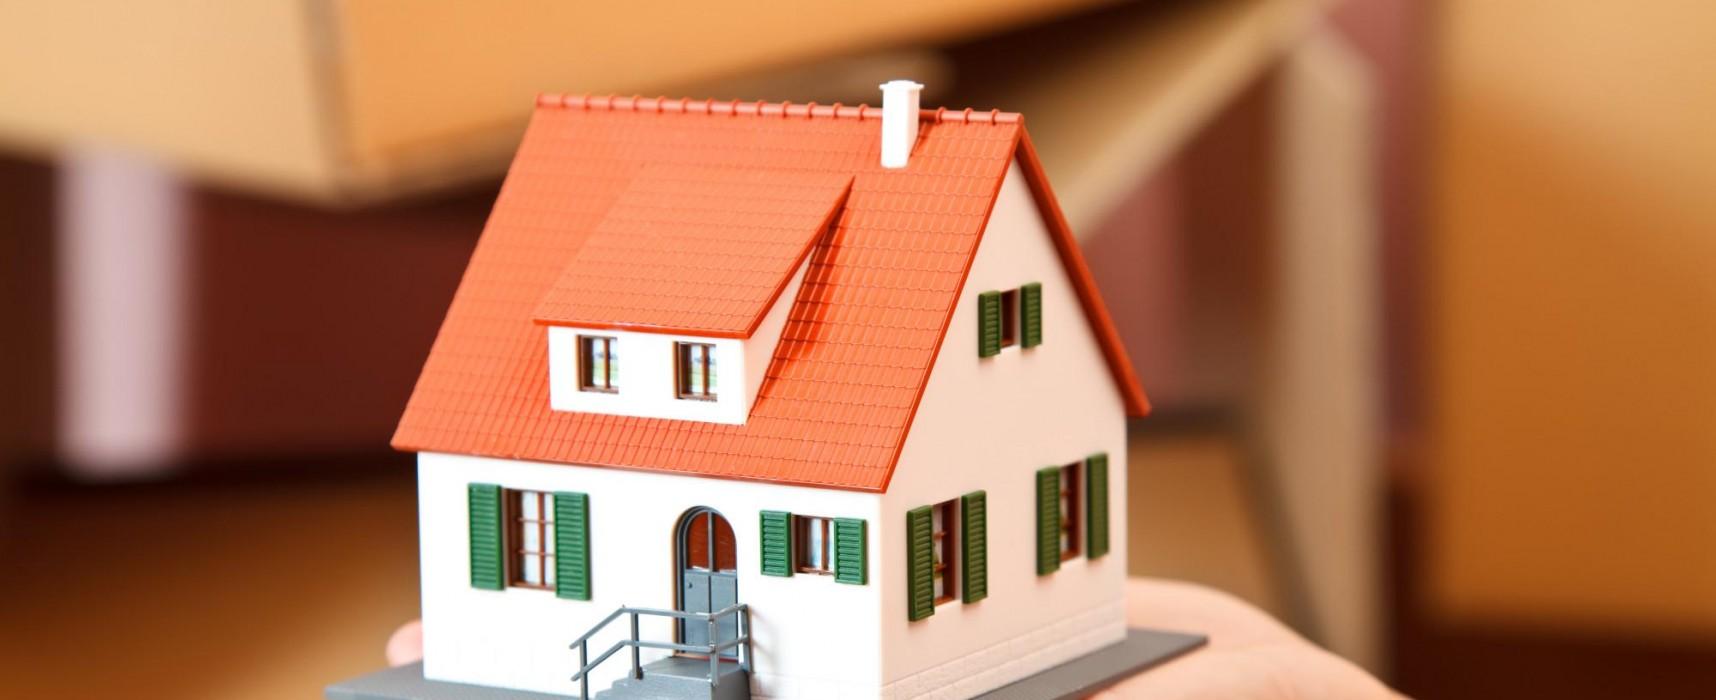 Contributi per gli inquilini morosi incolpevoli, 21mila euro stanziati dal Comune